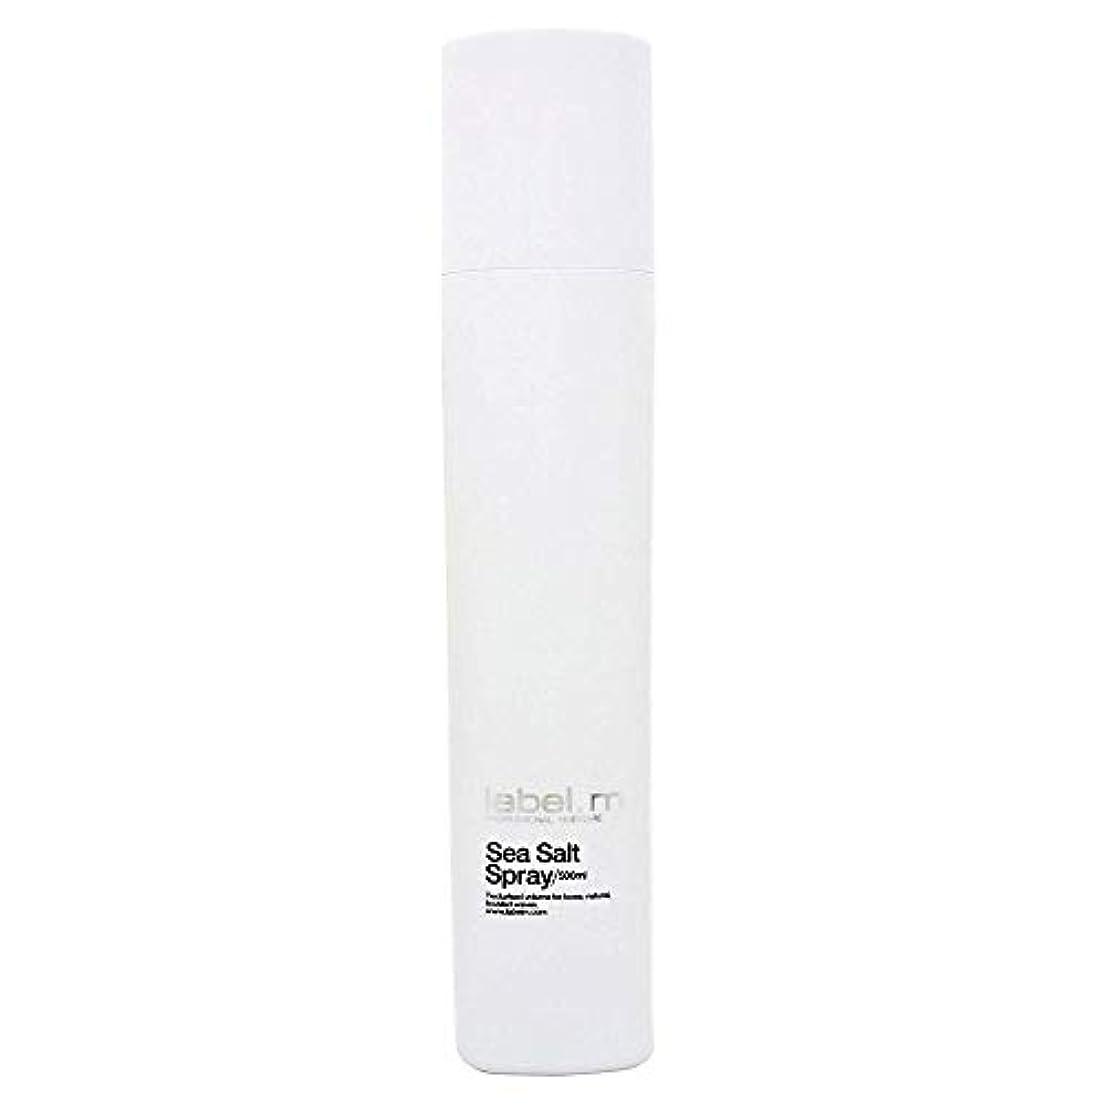 カウントアップ醸造所鼻Toni & Guy Label.m海塩スプレー、500ミリリットル(16.9 OZ) 16.9オンス